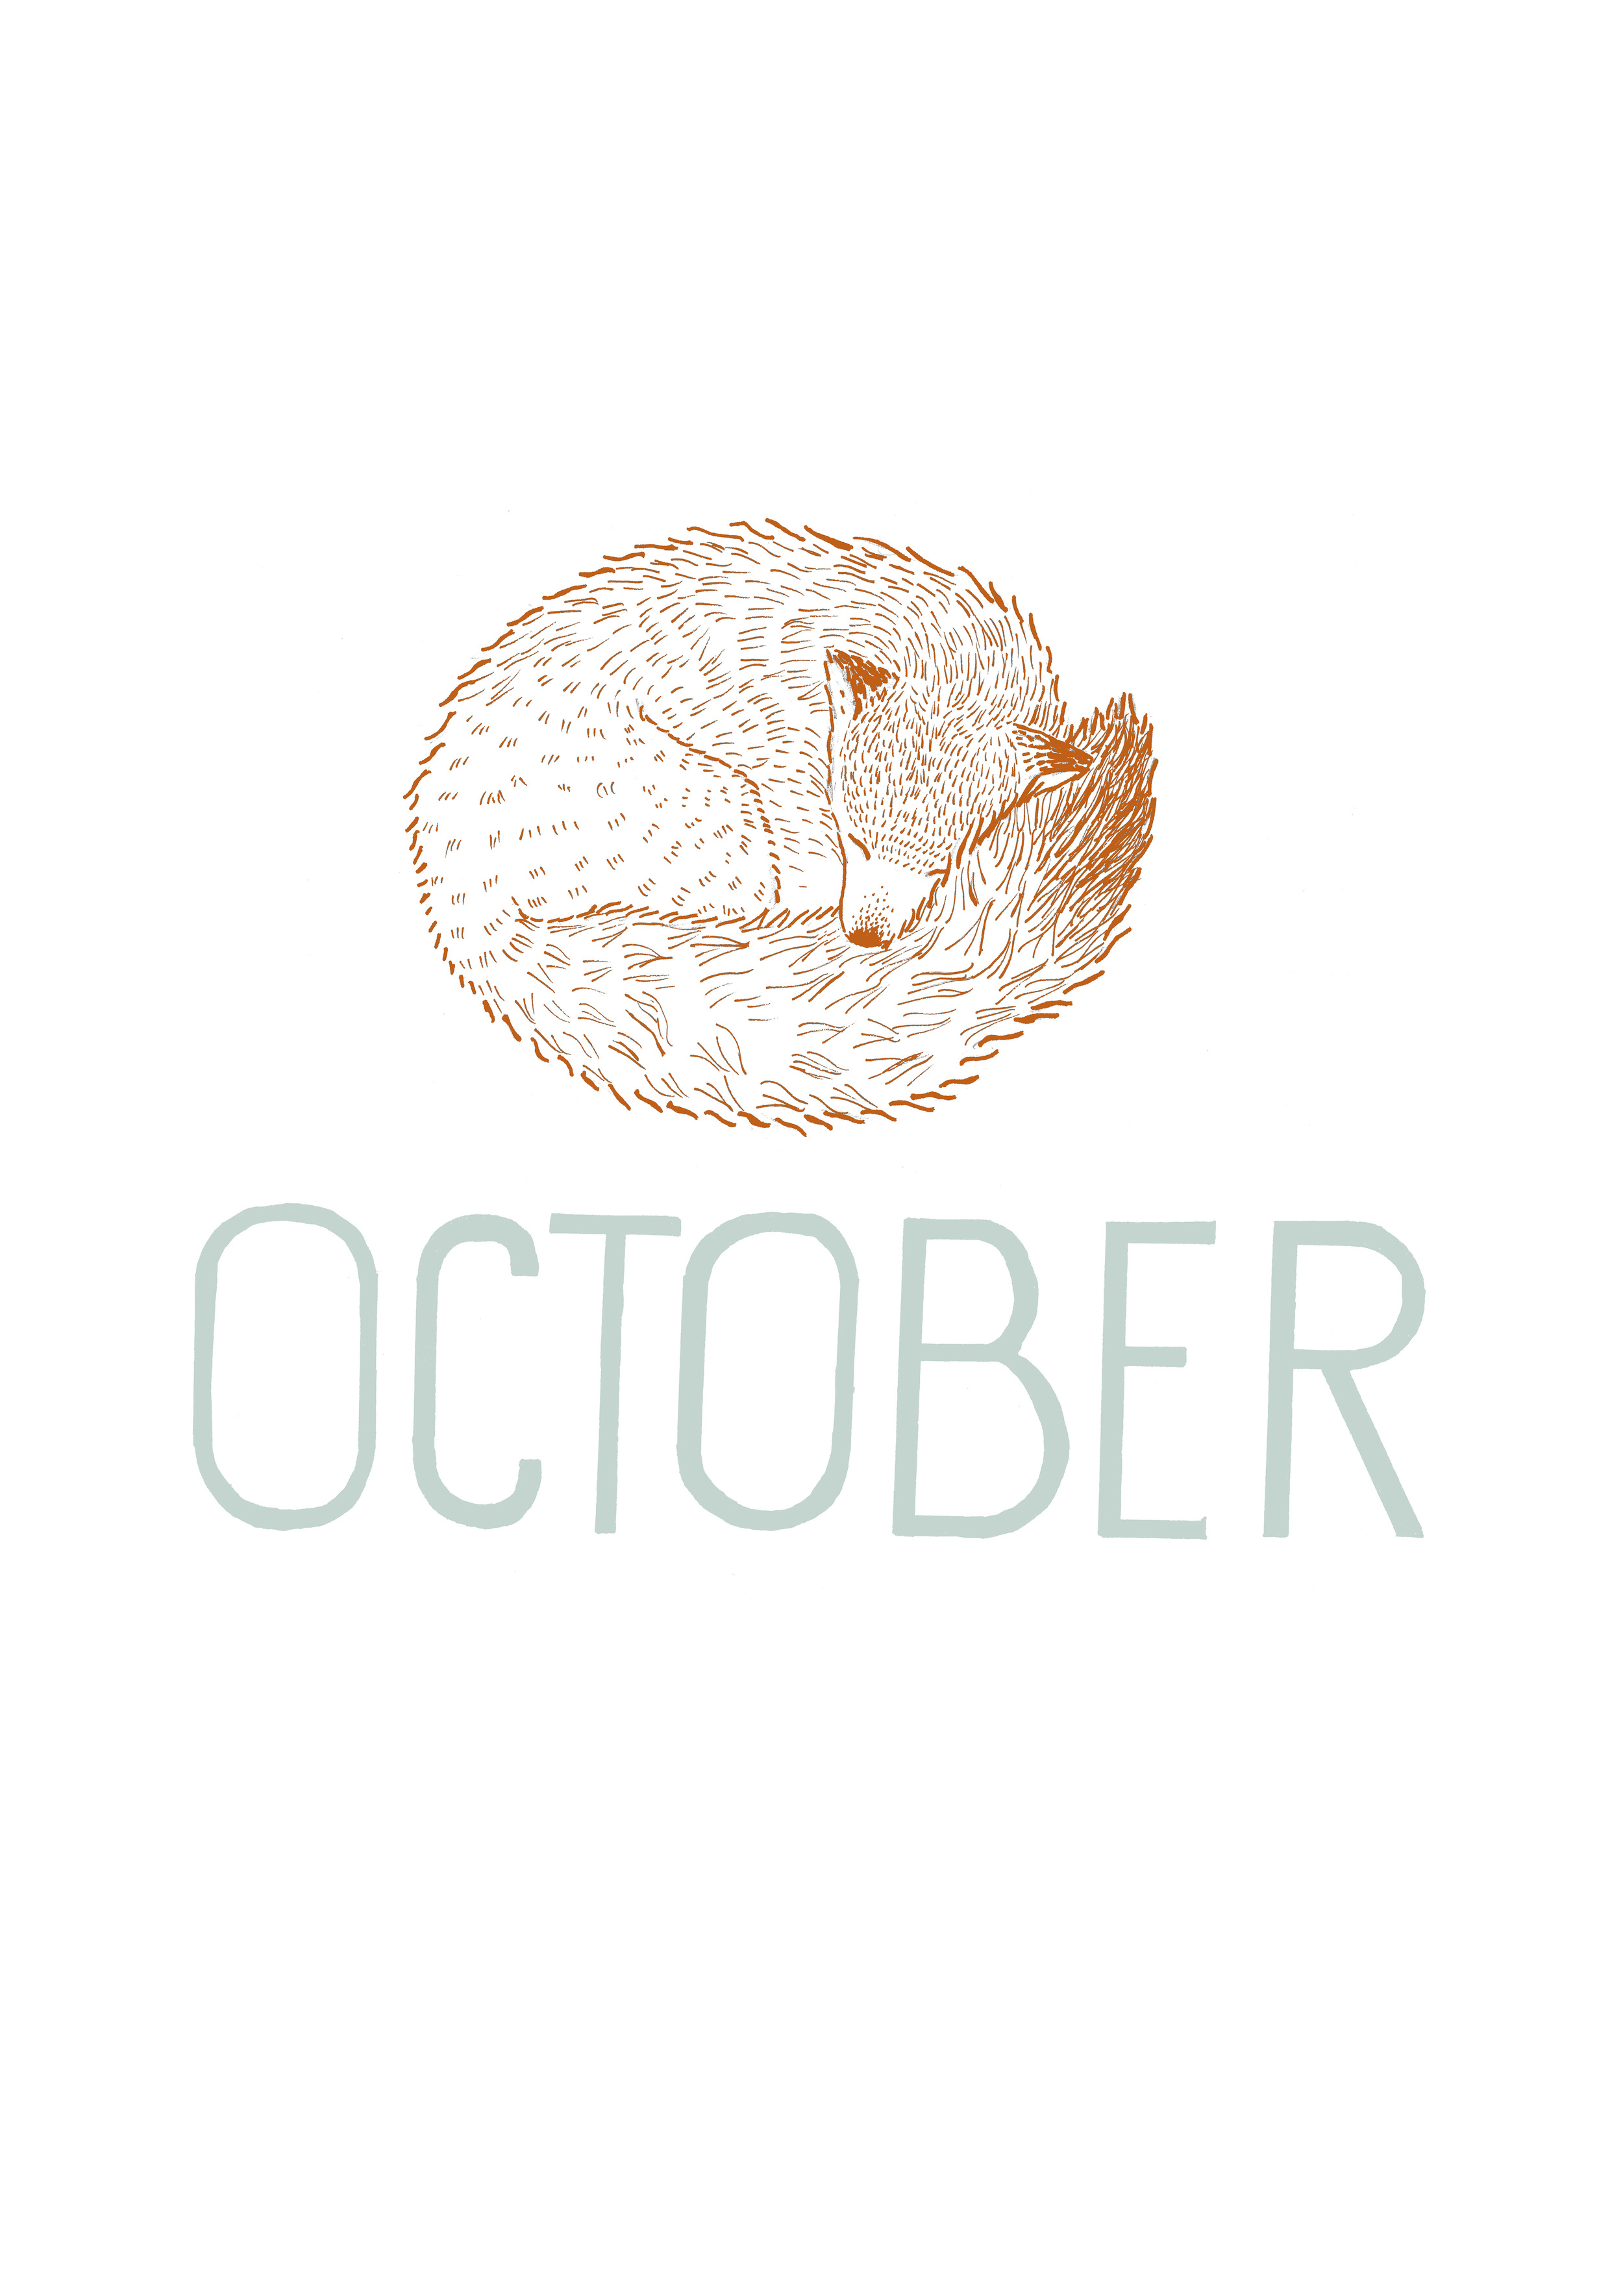 10 october.jpg